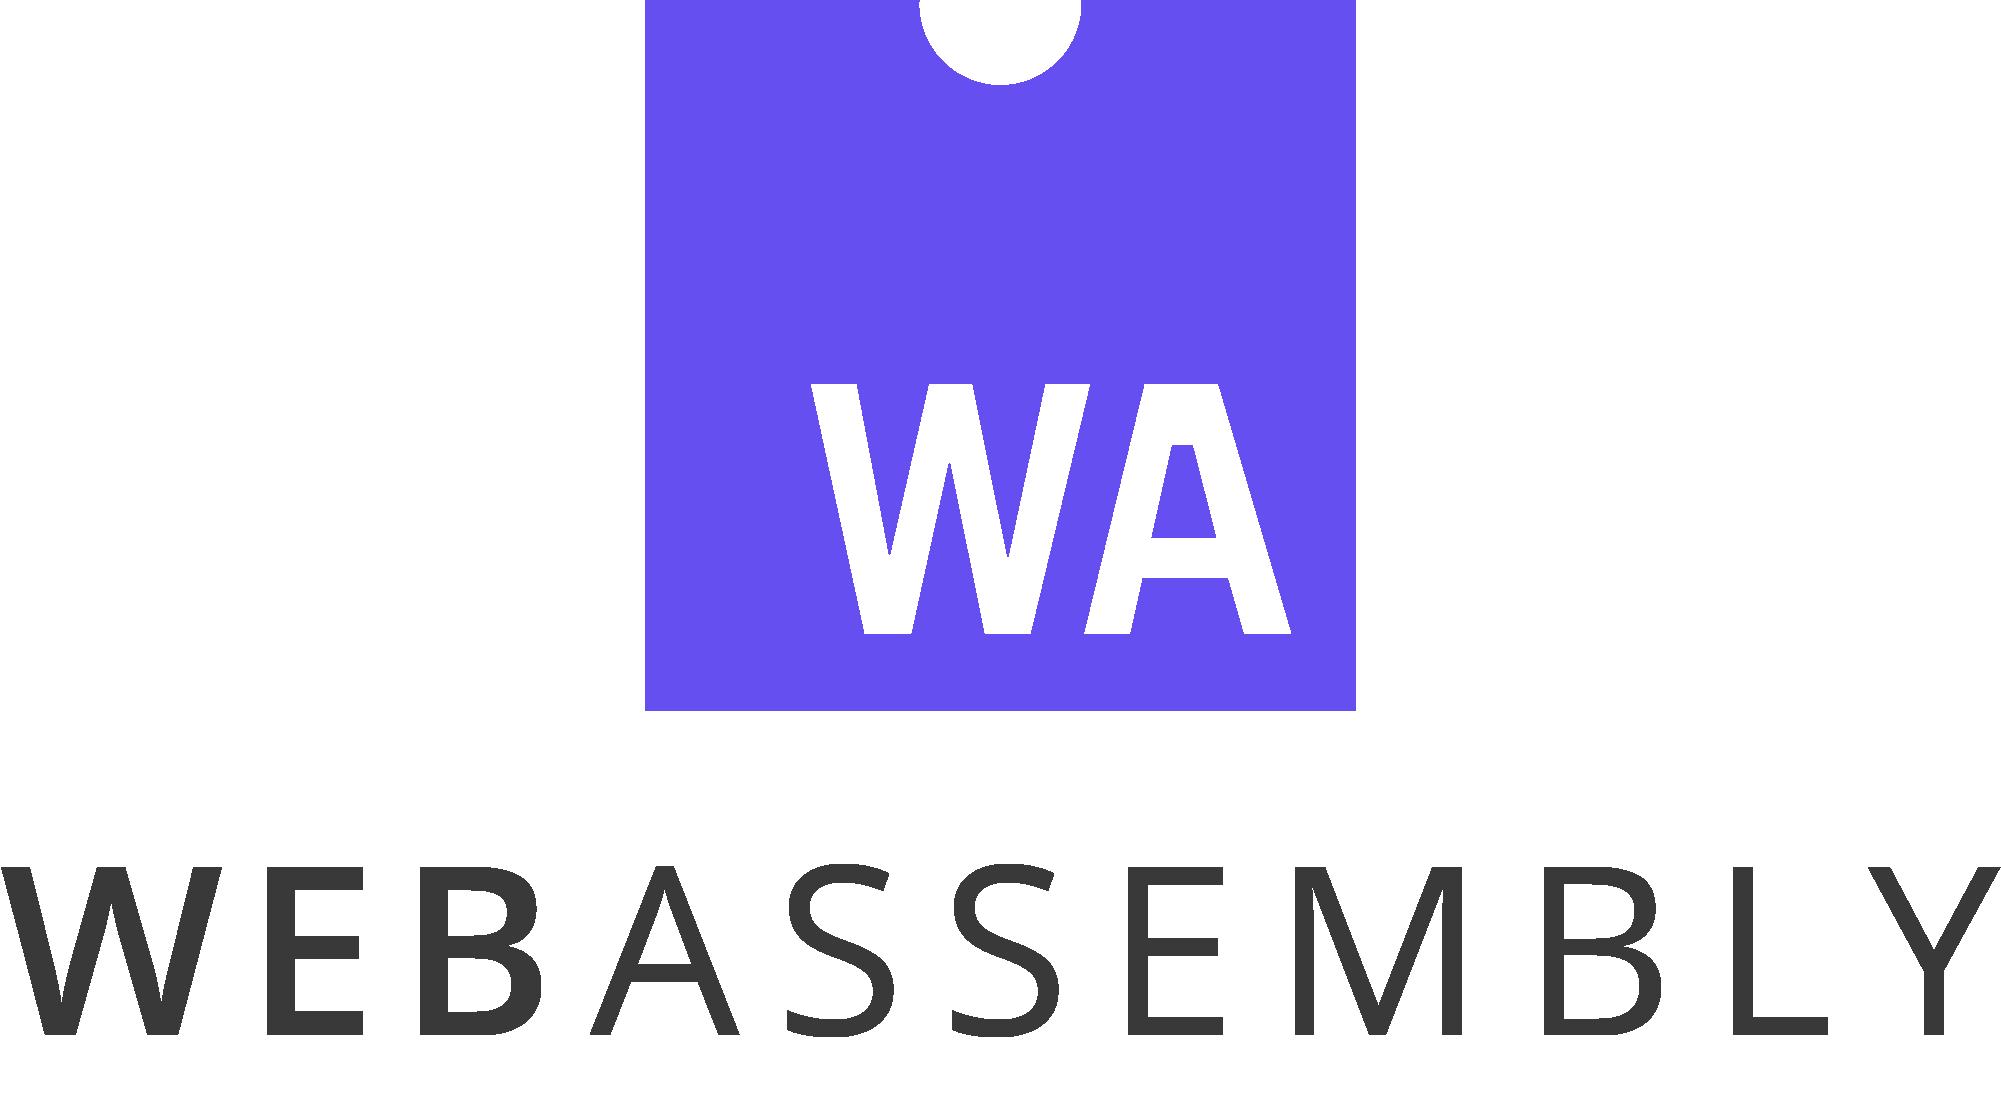 web-assembly-logo[1].png